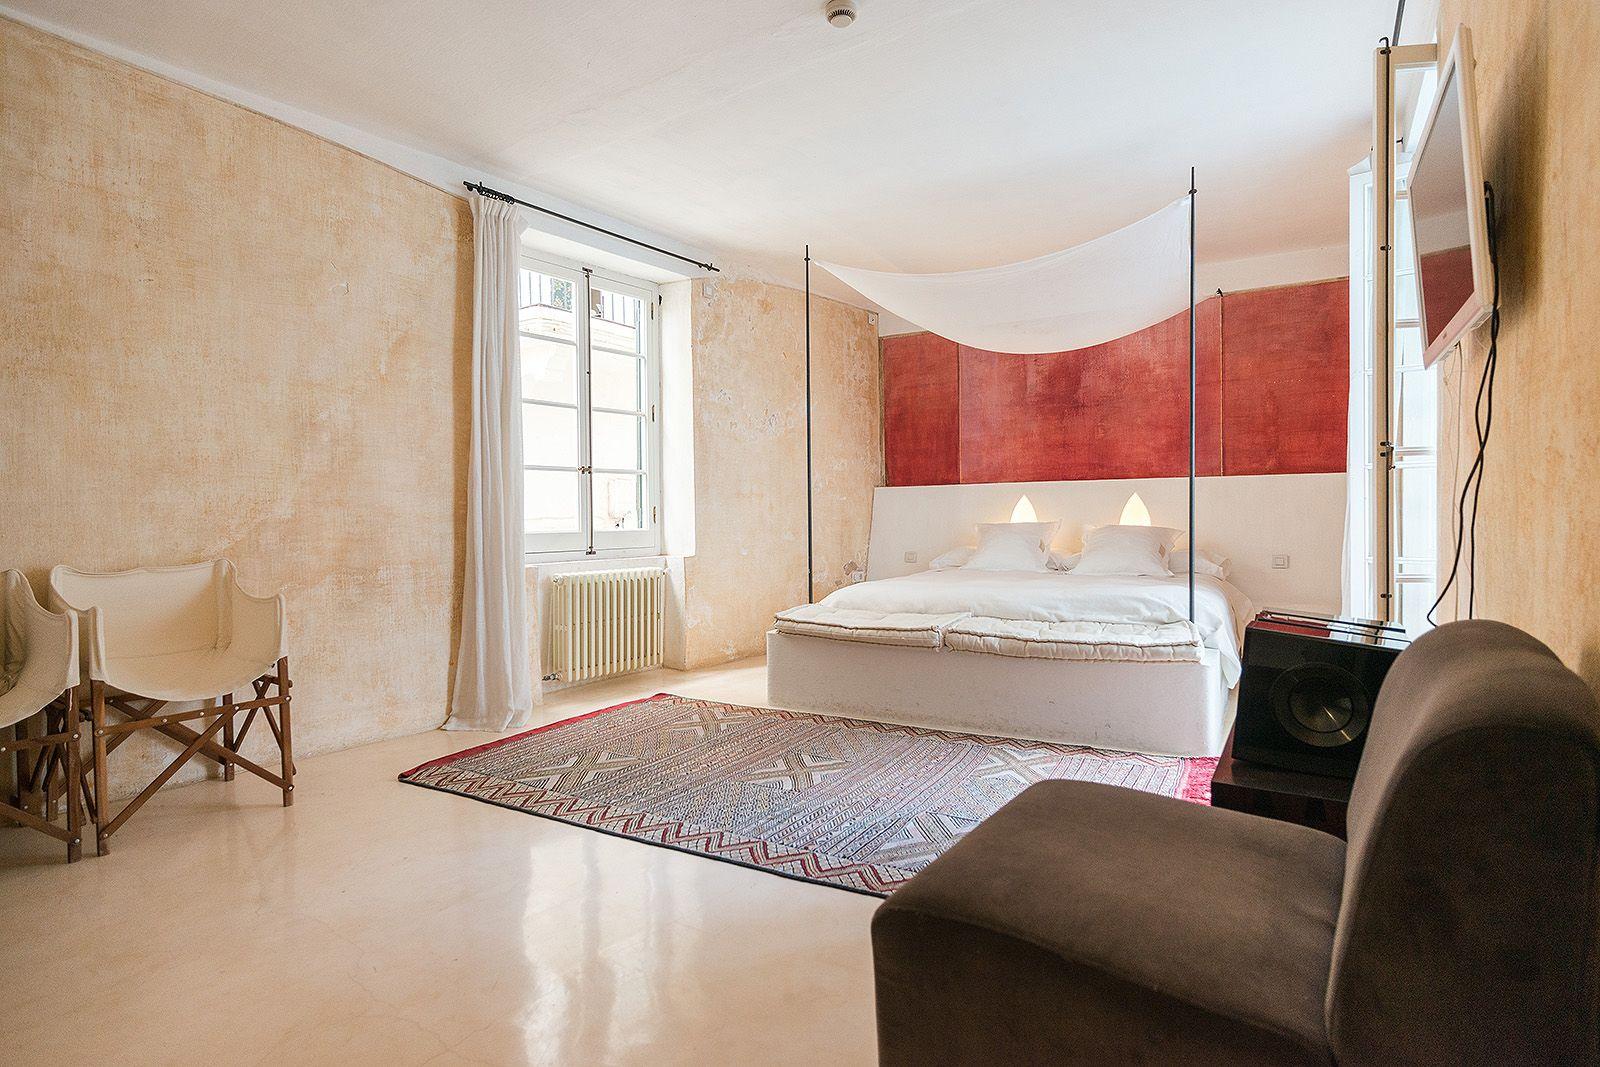 Sant Agustí - Hotel Tres Sants Rooms